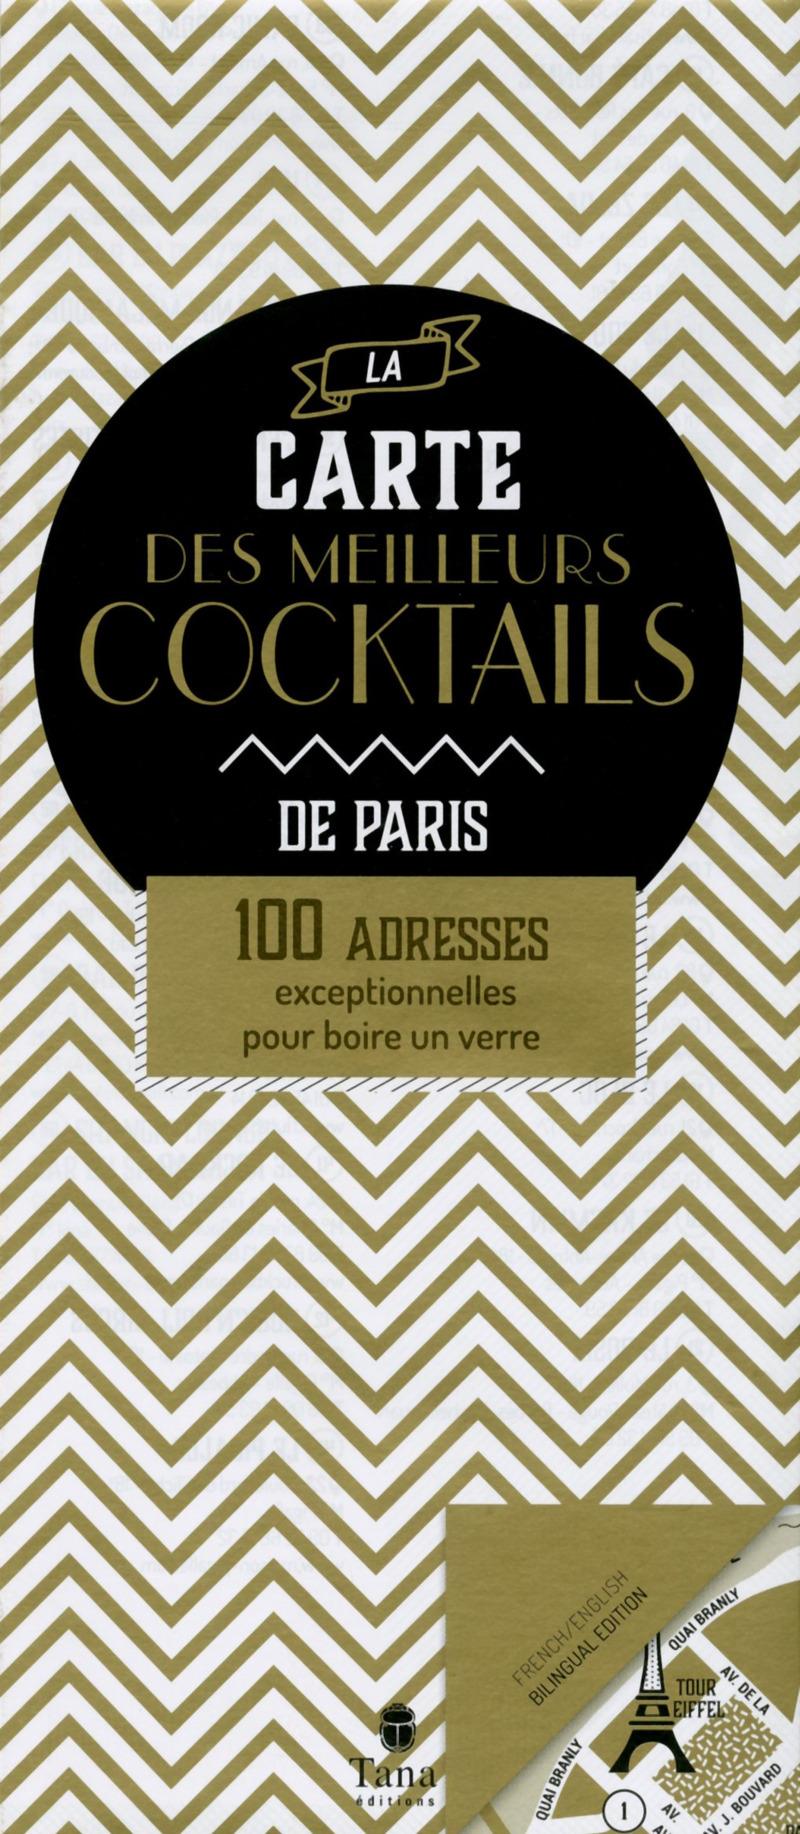 La carte des meilleurs cocktails de Paris